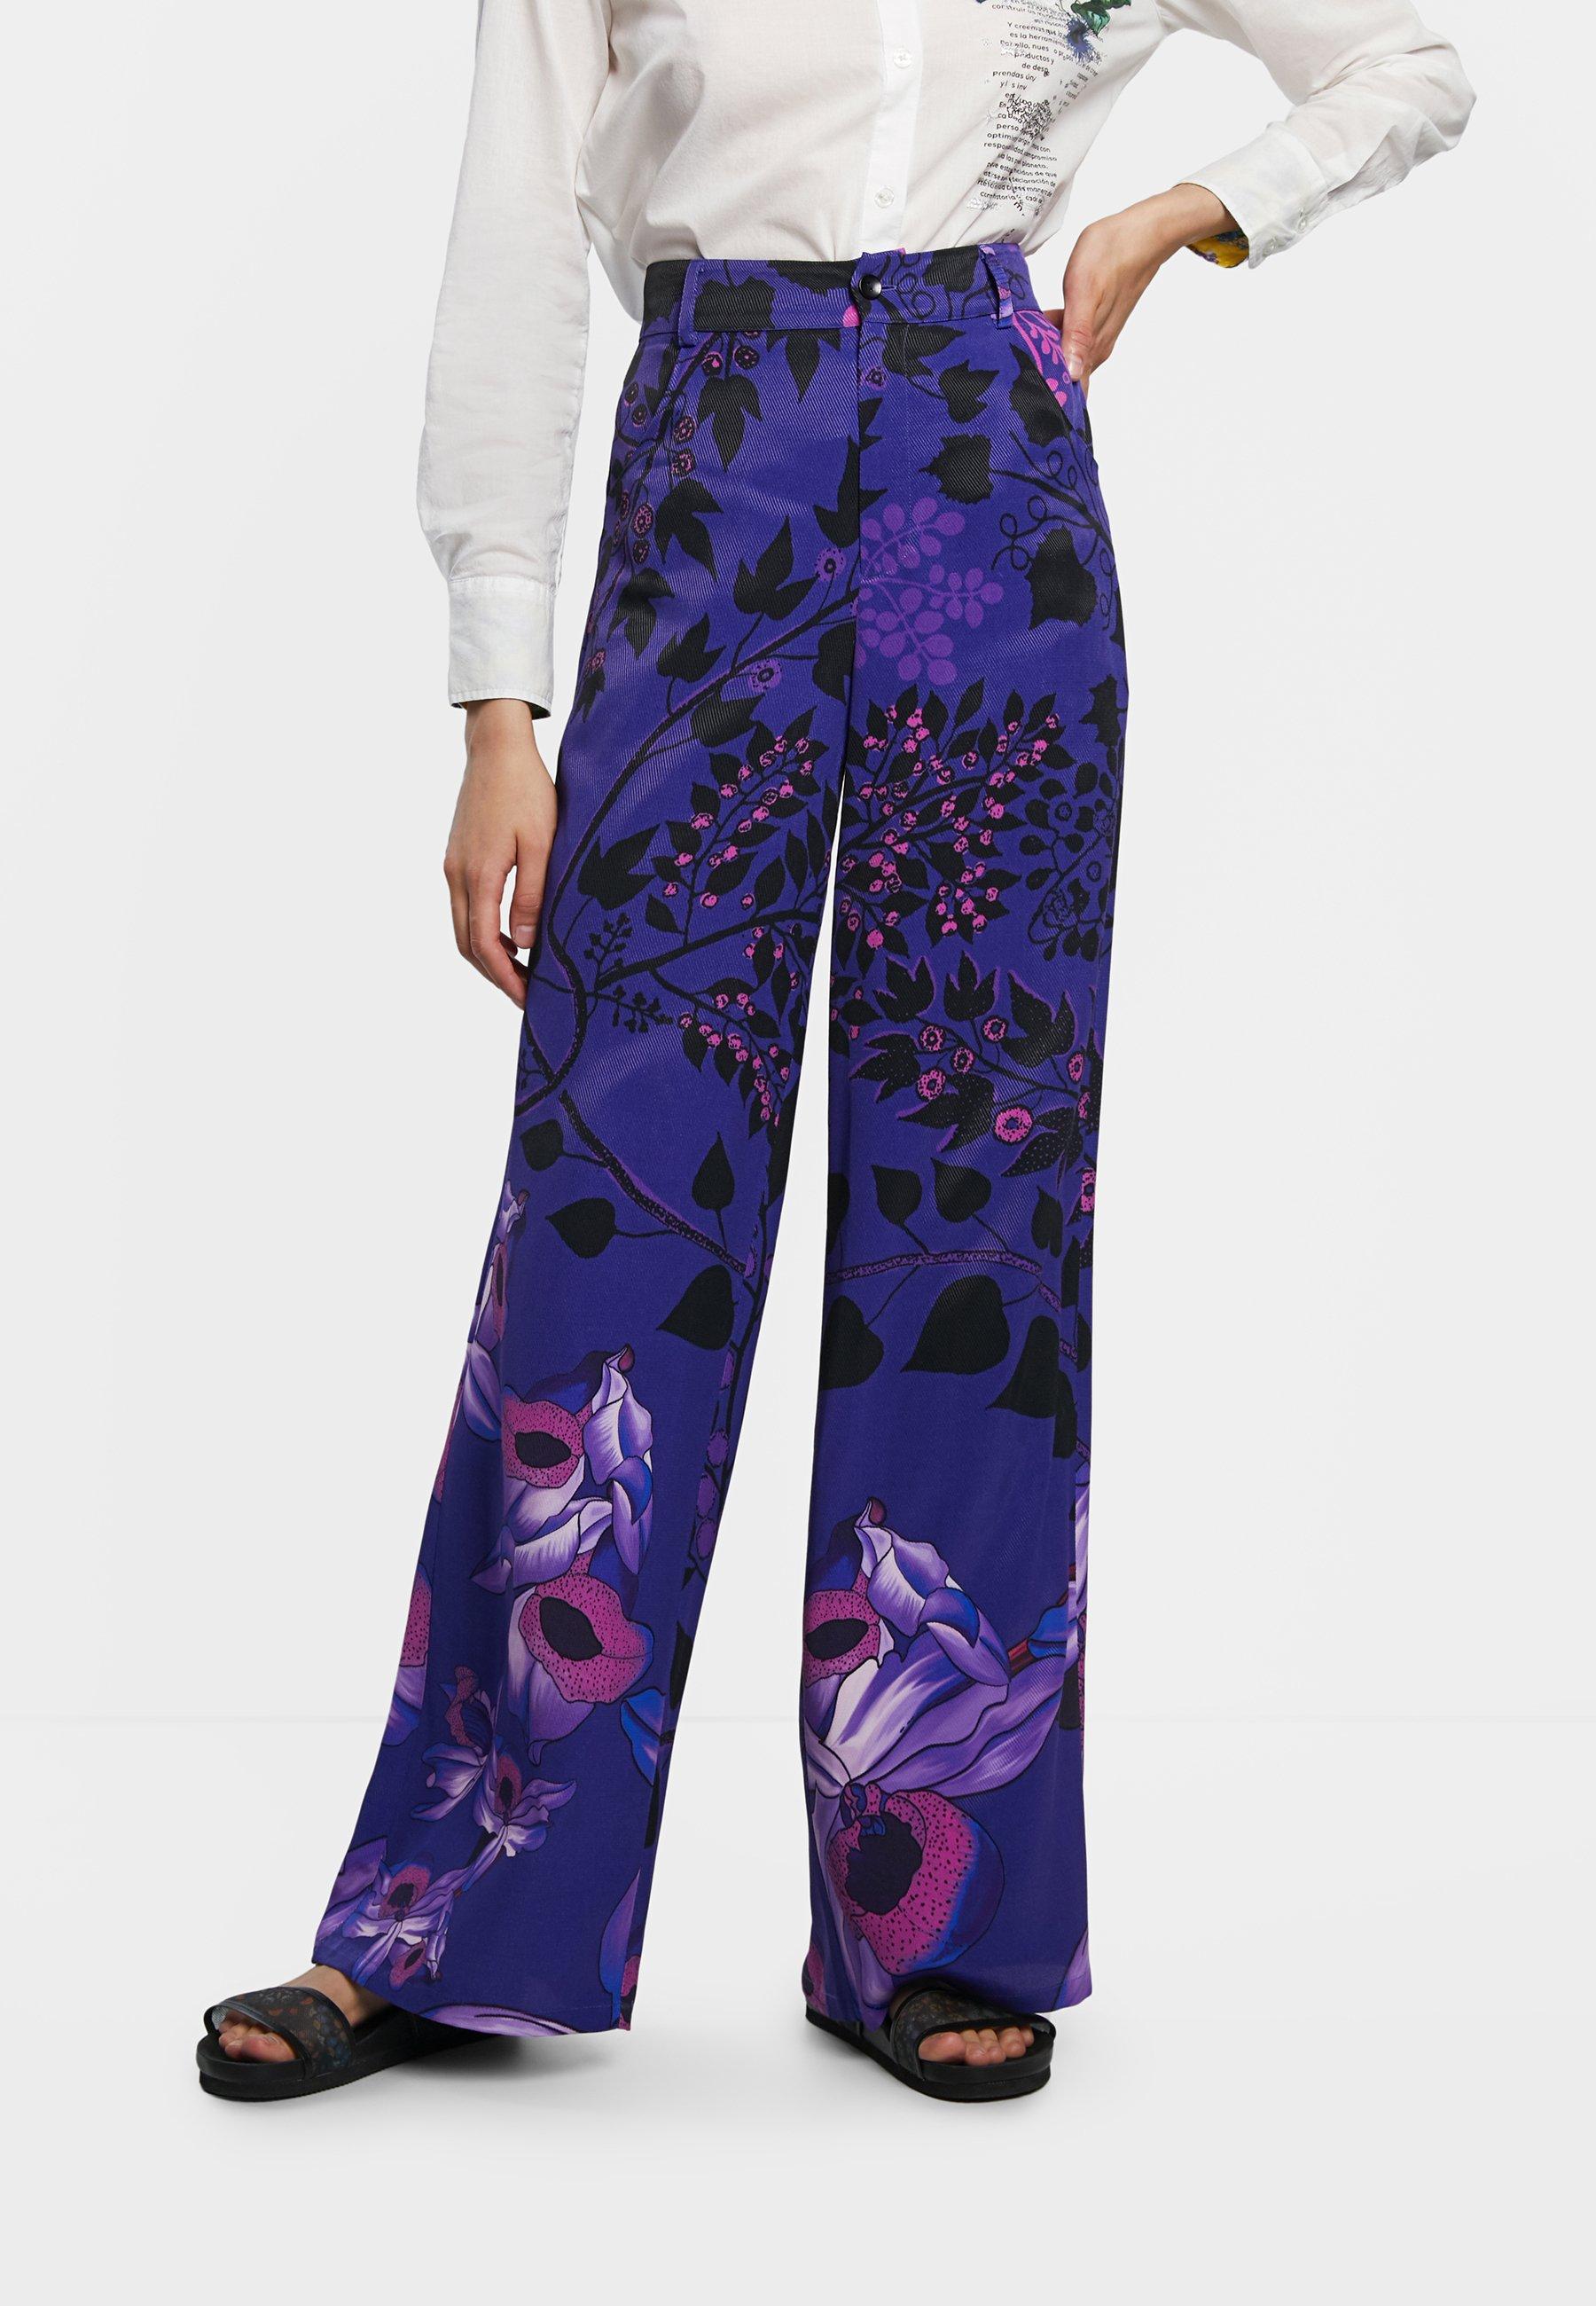 Femme DESIGNED BY M. CHRISTIAN LACROIX: - Pantalon classique